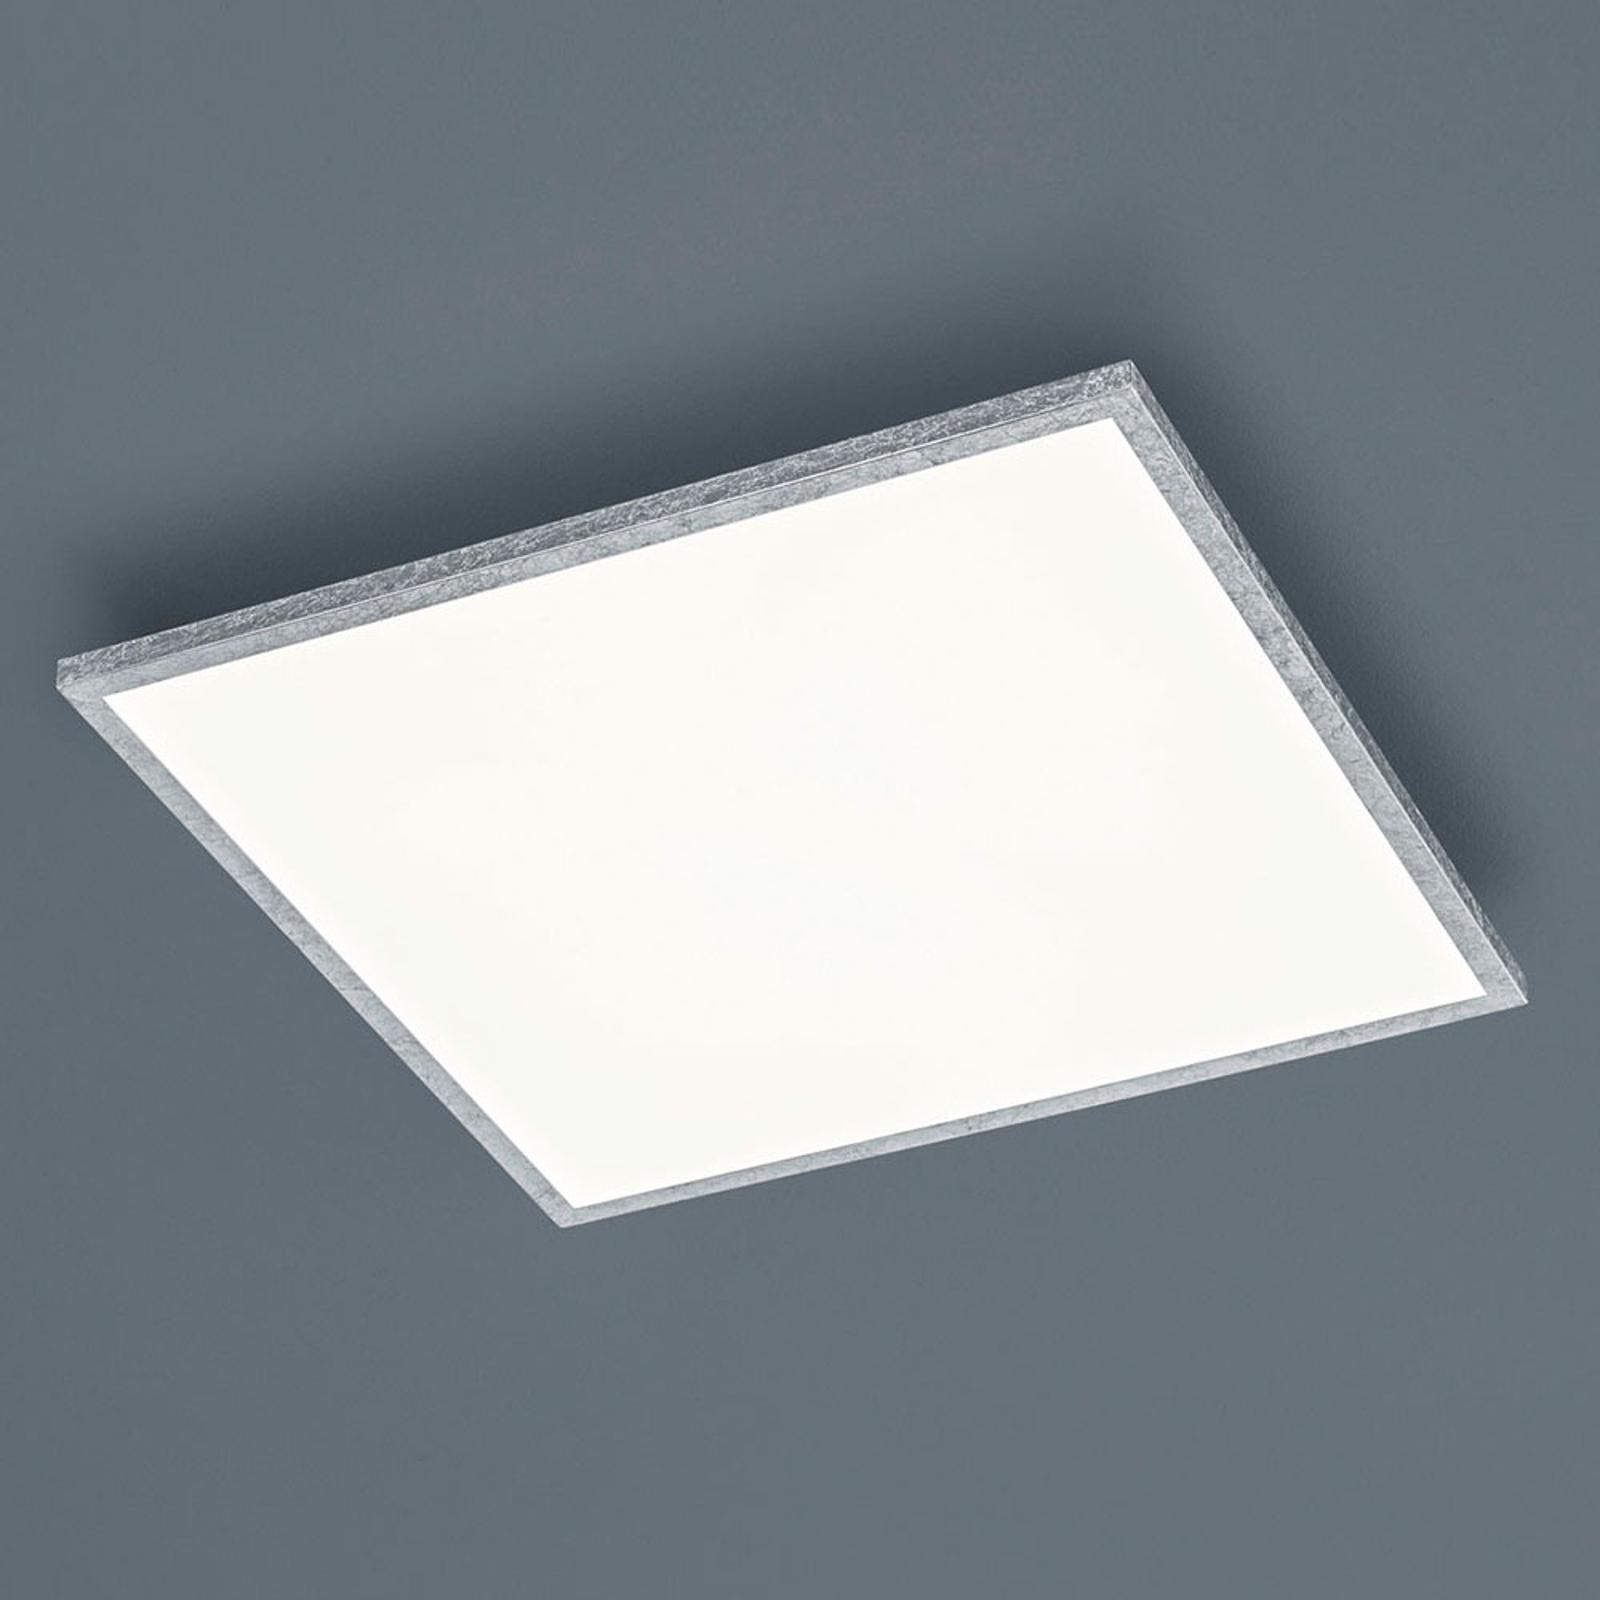 Helestra Rack LED plafondlamp dimmen hoekig zilver